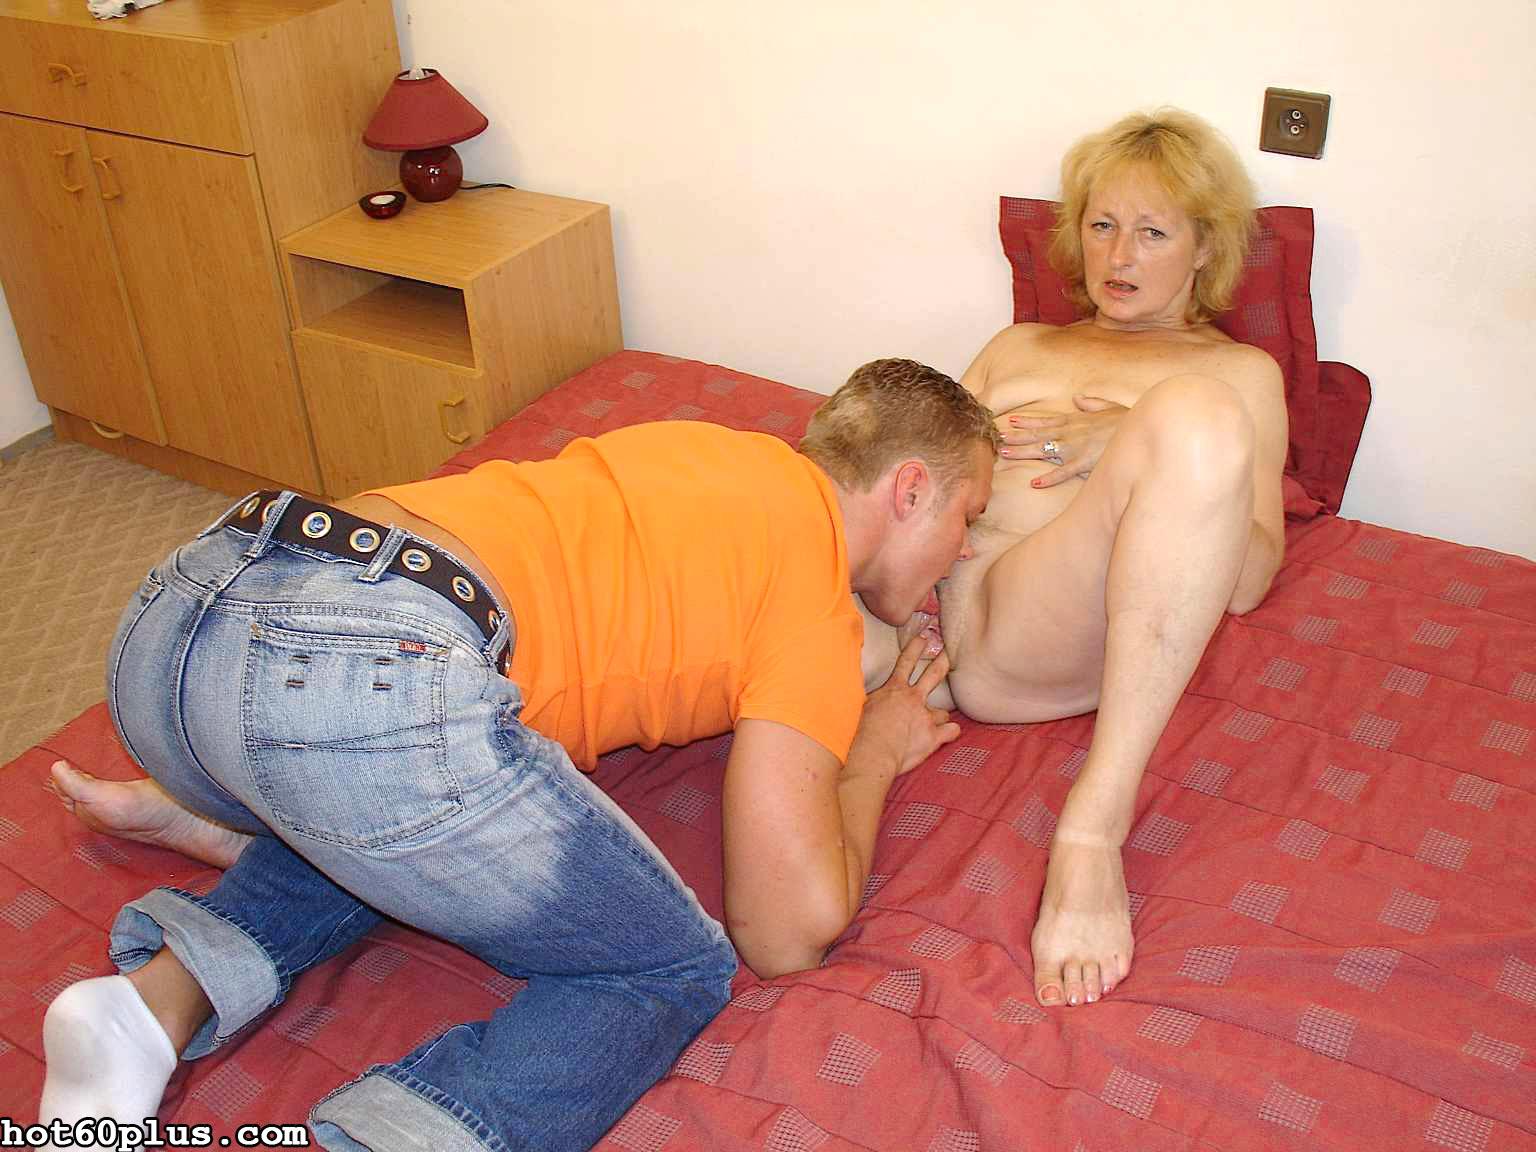 Снимки про инцест с матушкой. Фото - 4